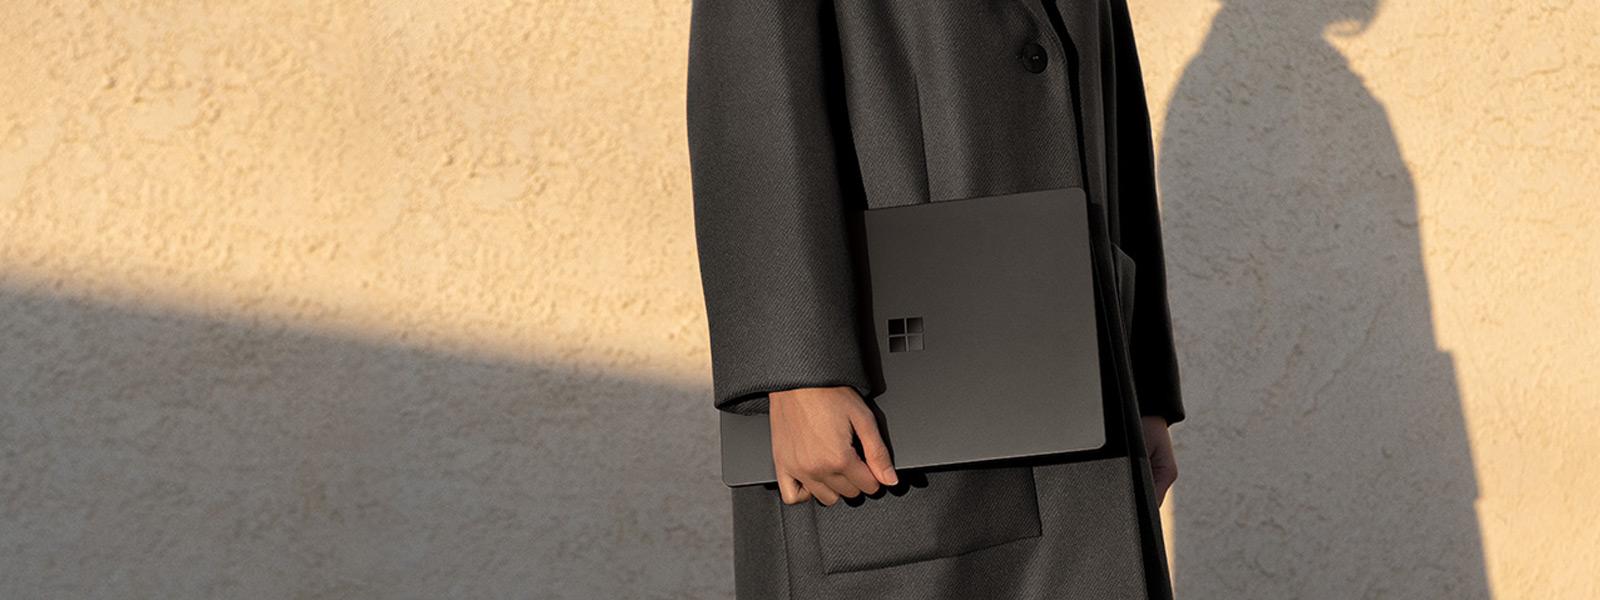 คนคนหนึ่งสวมเสื้อคลุมสีดำและถือ Surface Laptop 2 สีดำไว้ข้างตัว